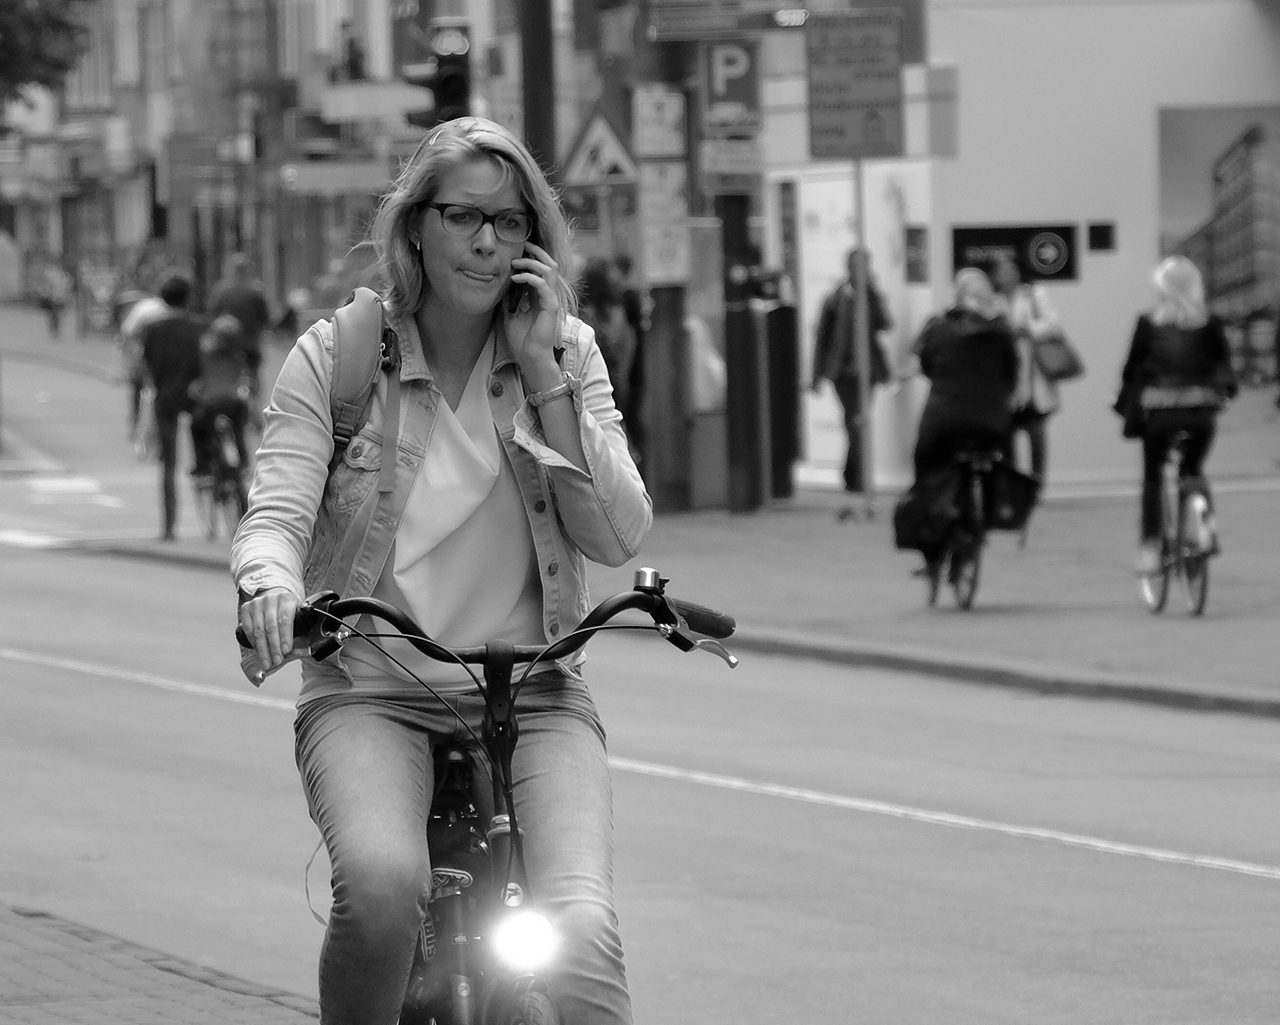 Sokak Fotoğrafçılığı için ideal kamera modeli var mı?